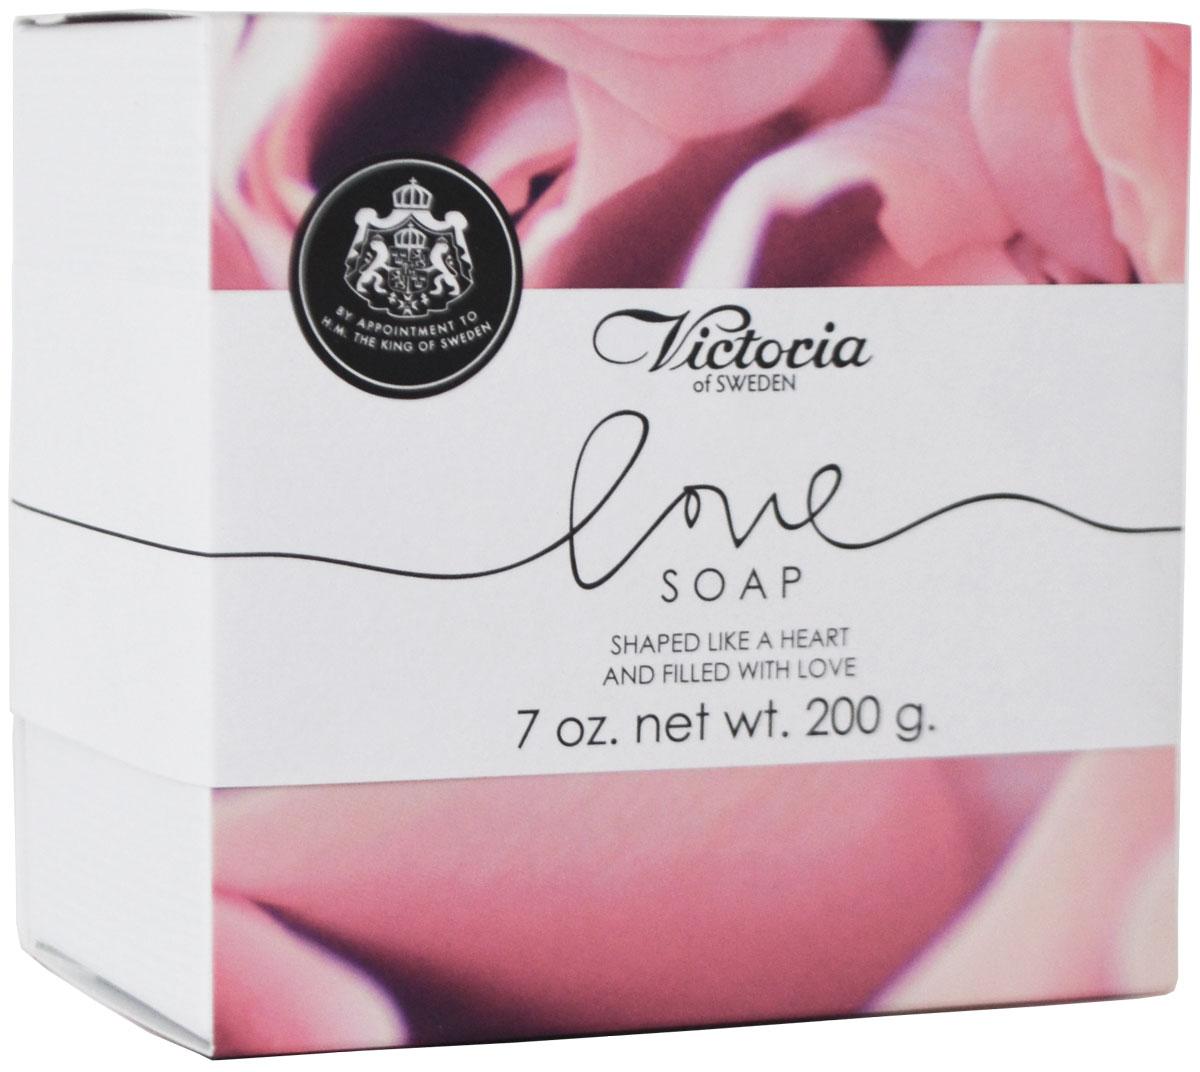 Victoria Soap Мыло для тела Love Soap Day, 200 г240659Это роскошное мыло создано в форме сердца, чтобы наполнить вашу ванную комнату любовью и свежим ароматом розы и пиона с капельками утренней росы. Начните утро с мылом Love Soap Day - и каждый день будет ярким и незабываемым, а вы почувствуете себя истинной Королевой. Товар сертифицирован.